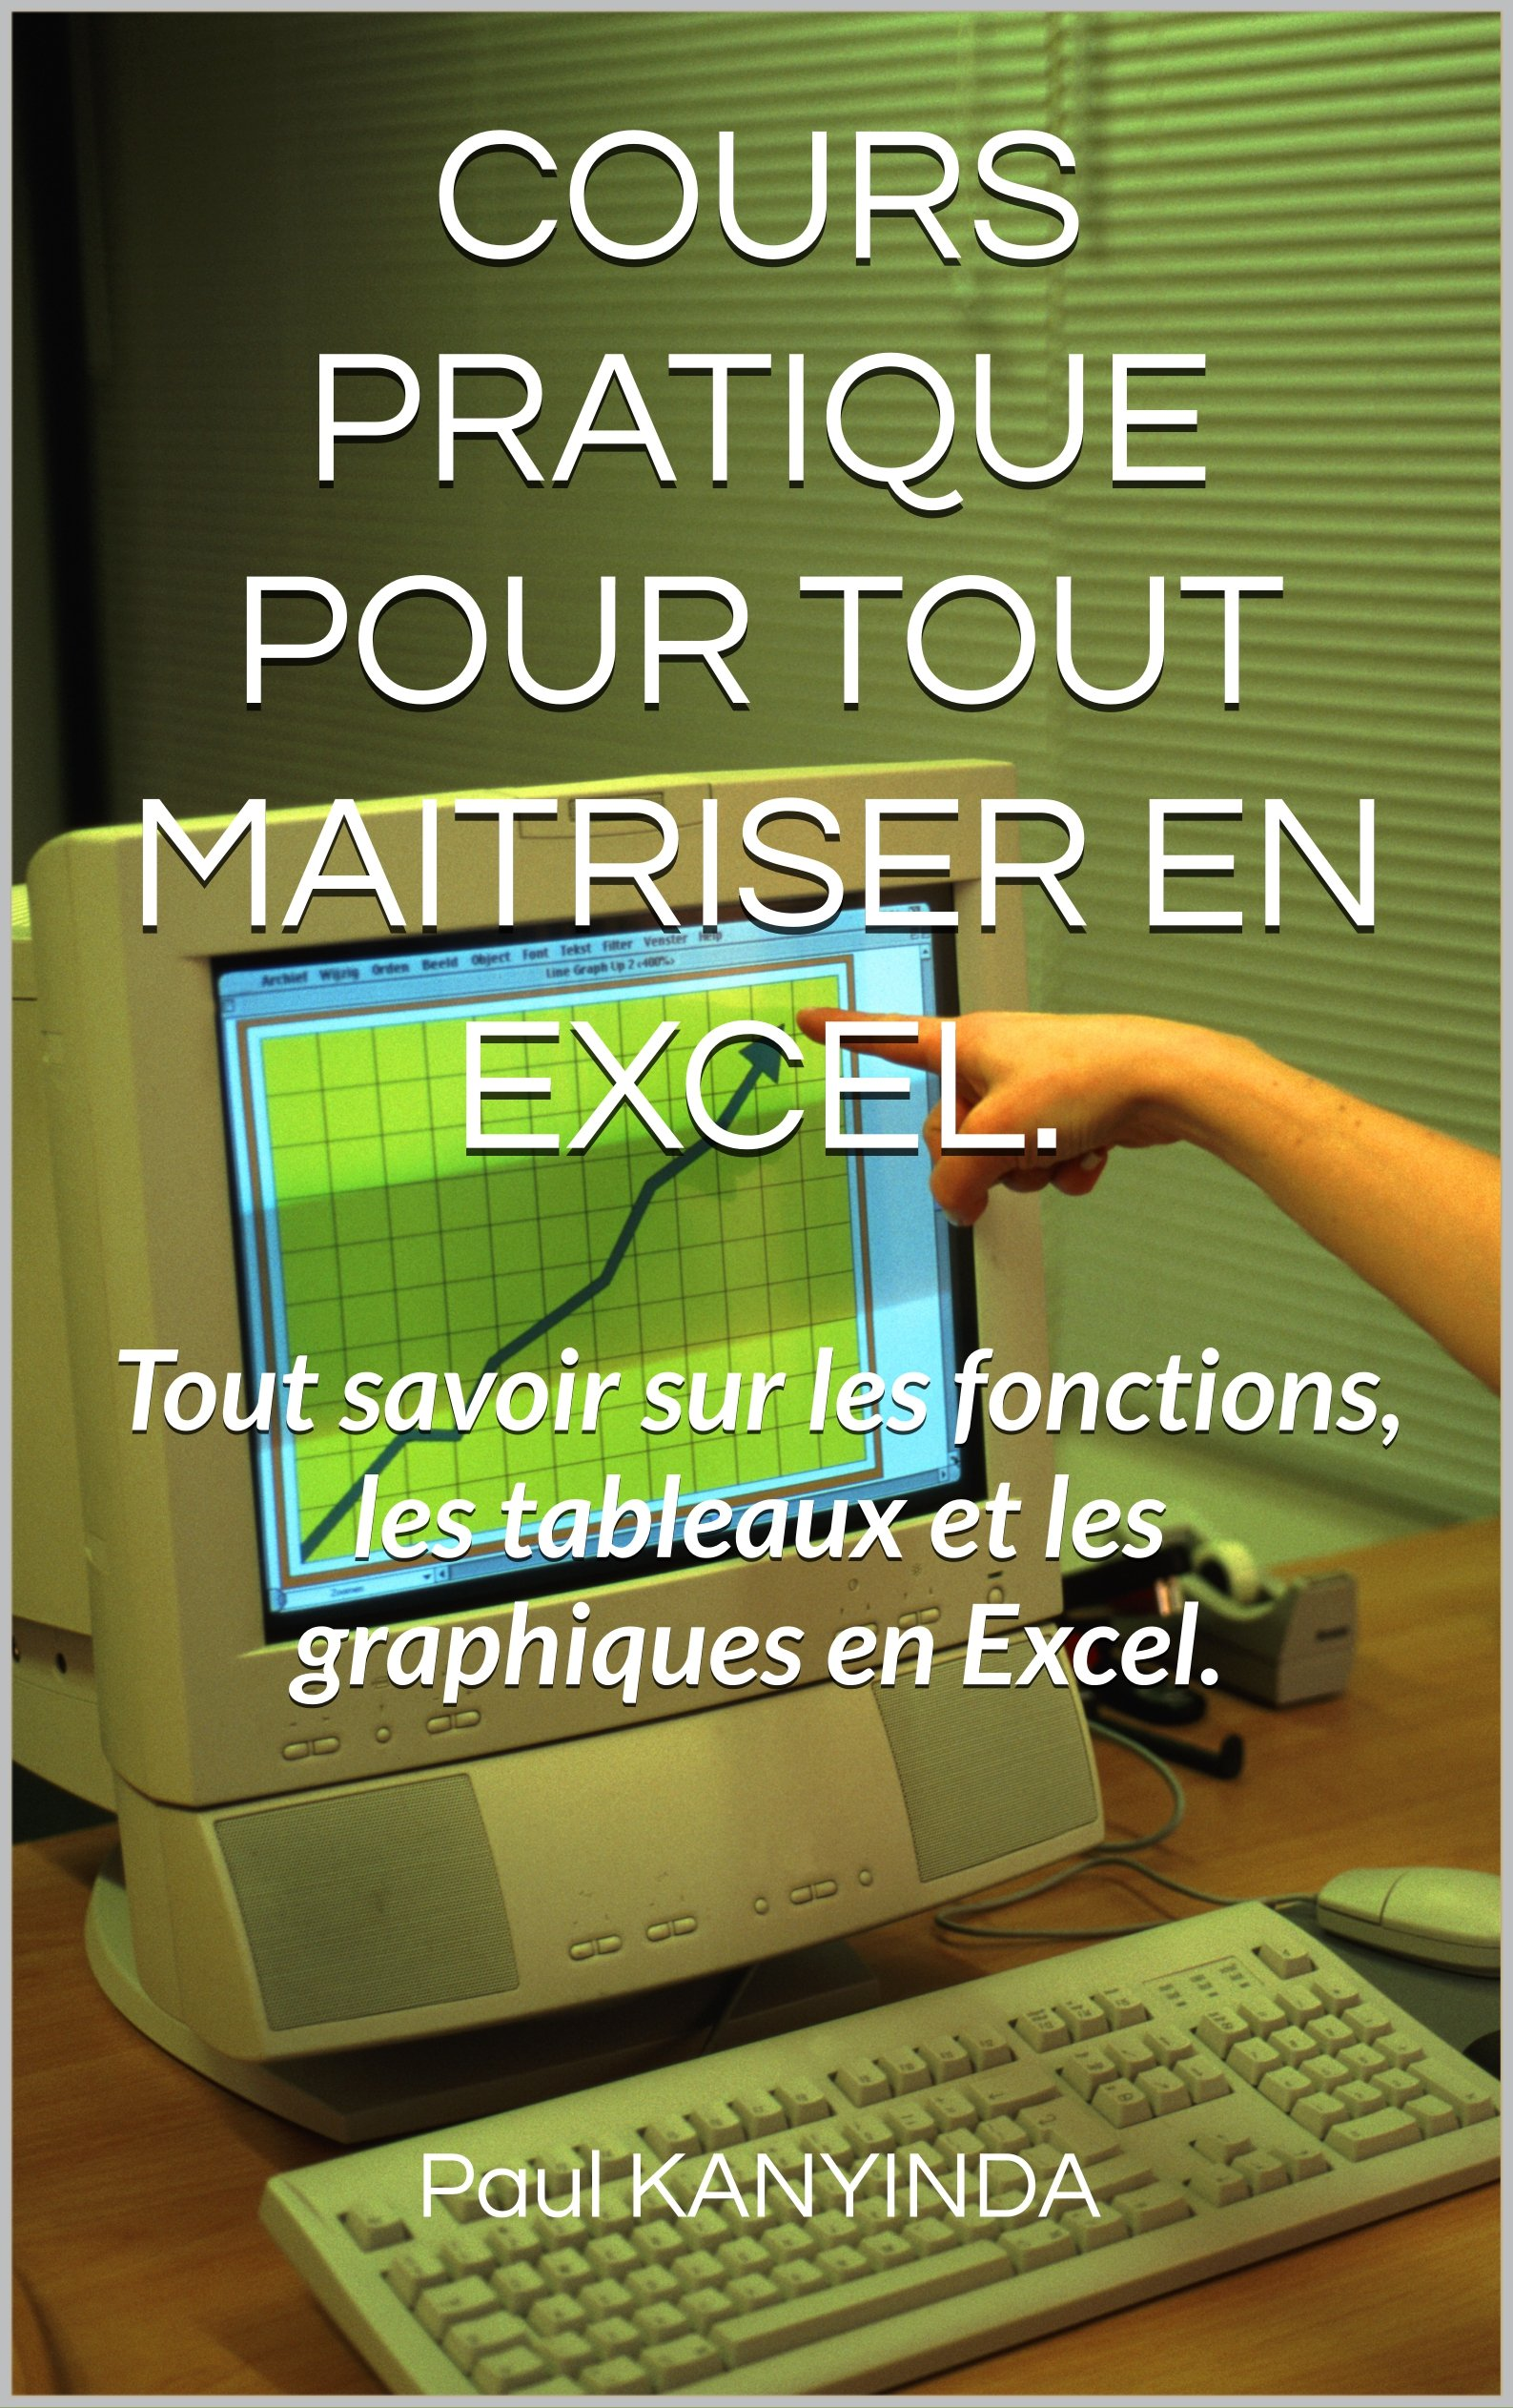 COURS PRATIQUE POUR TOUT MAITRISER EN EXCEL.: Tout savoir sur les fonctions, les tableaux et les graphiques en Excel. por Paul KANYINDA